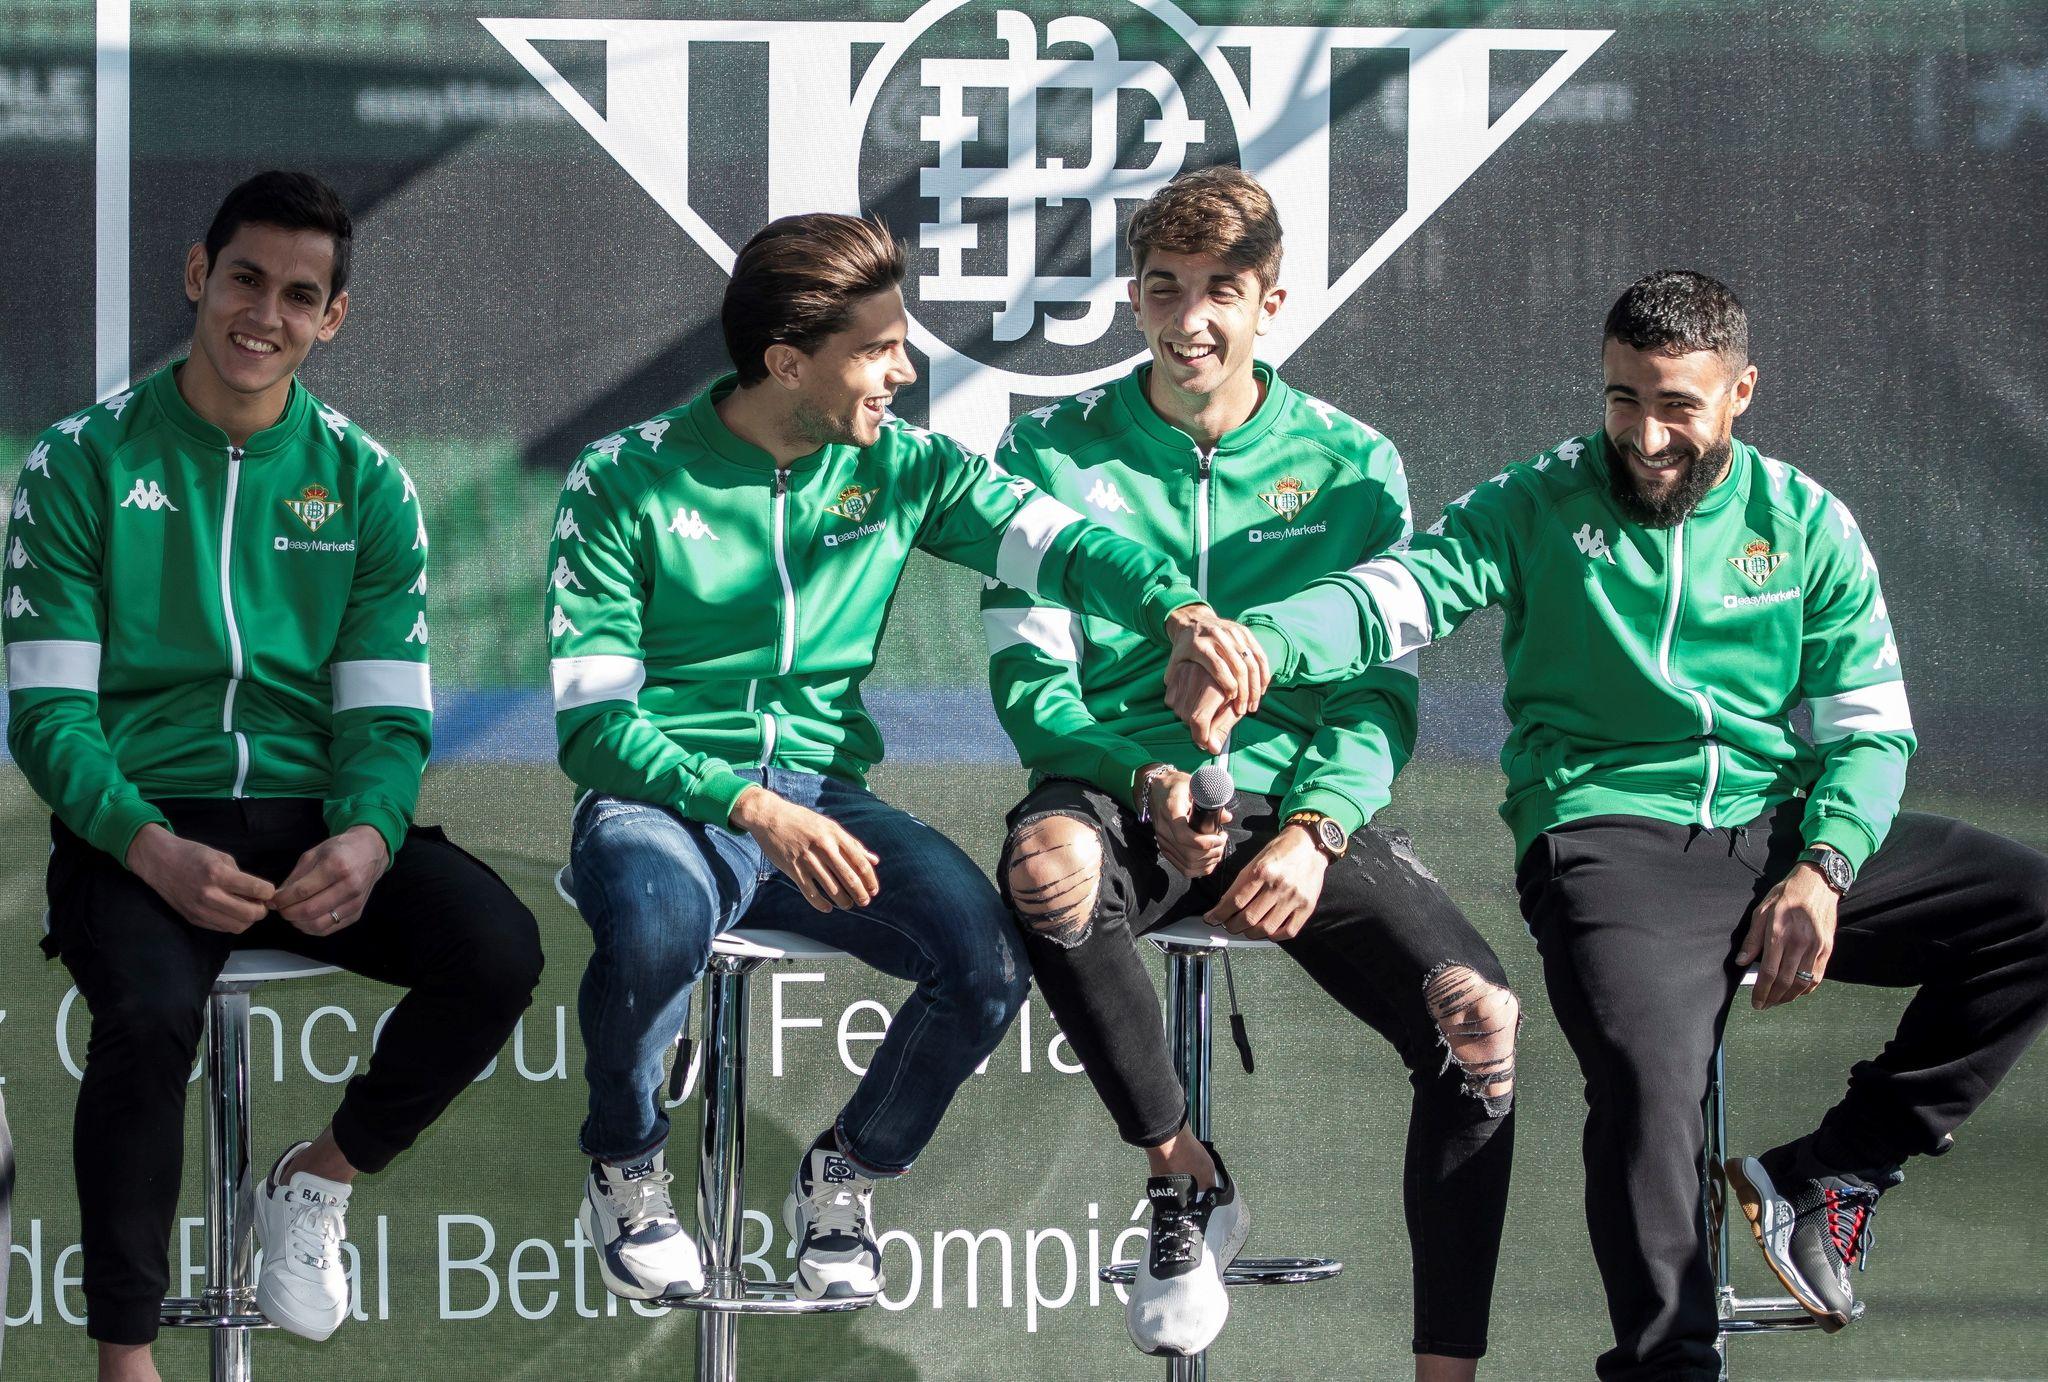 GRAFAND3479. SEVILLA, 05/12/2019.- Los jugadores del Real Betis, Mandi(i), <HIT>Bartra</HIT>(2i), Edgar(2d) y Fekir(d) durante el acto promocional del Real Betis con Mercedes-Benz en el estadio Benito Villamarín. EFE/Raúl Caro